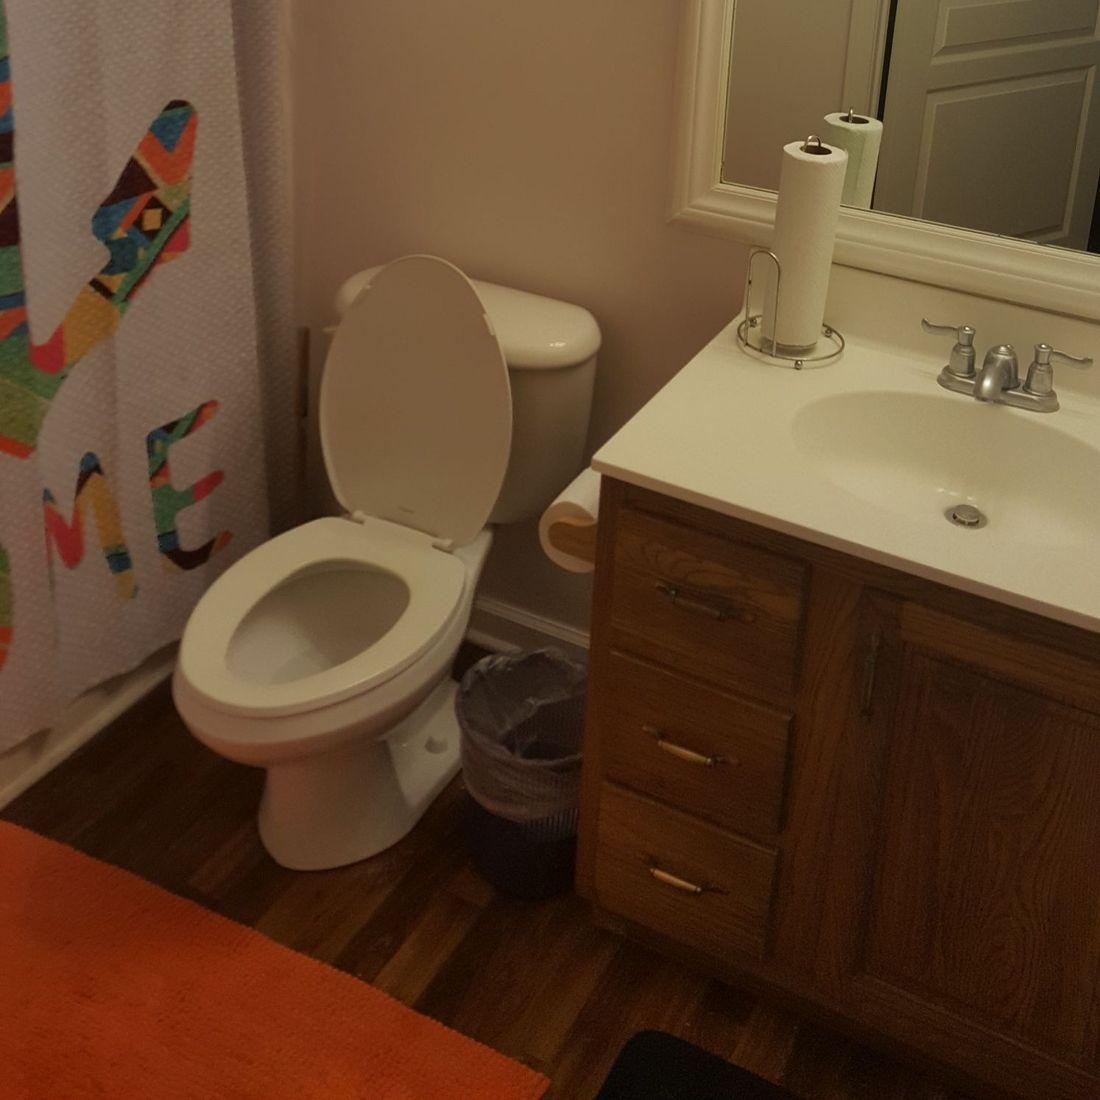 Clean home bathroom